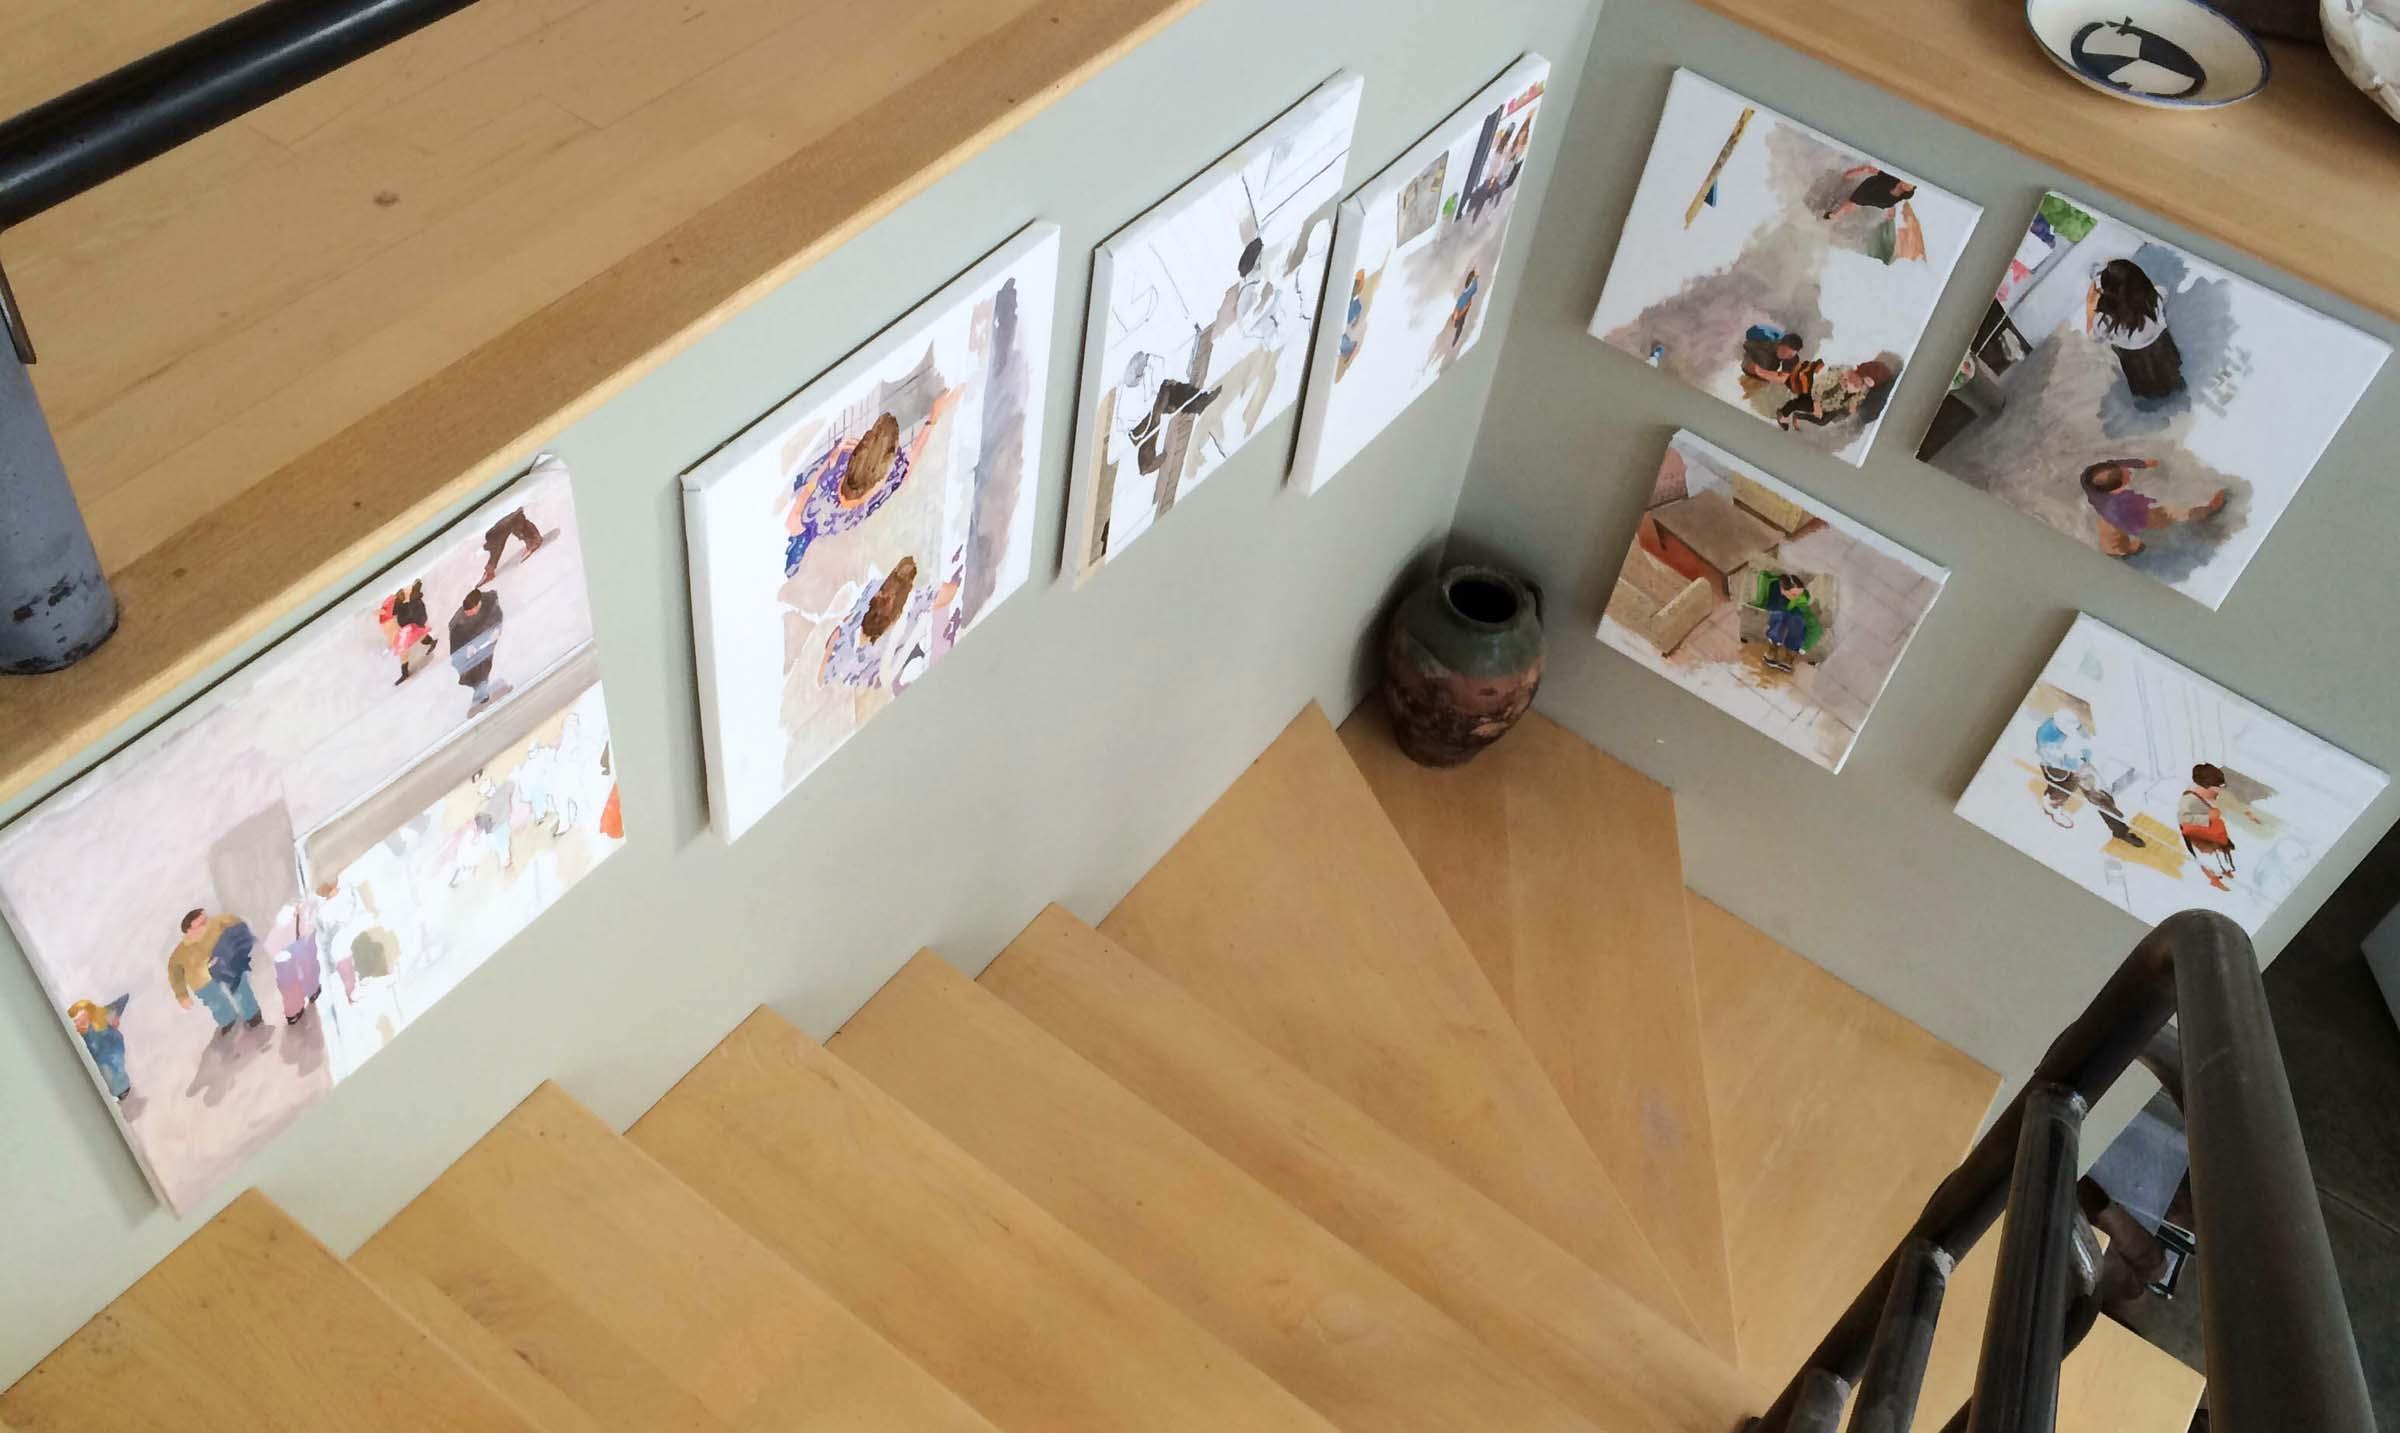 site-11-20-14 paintings on stairs 4.jpg